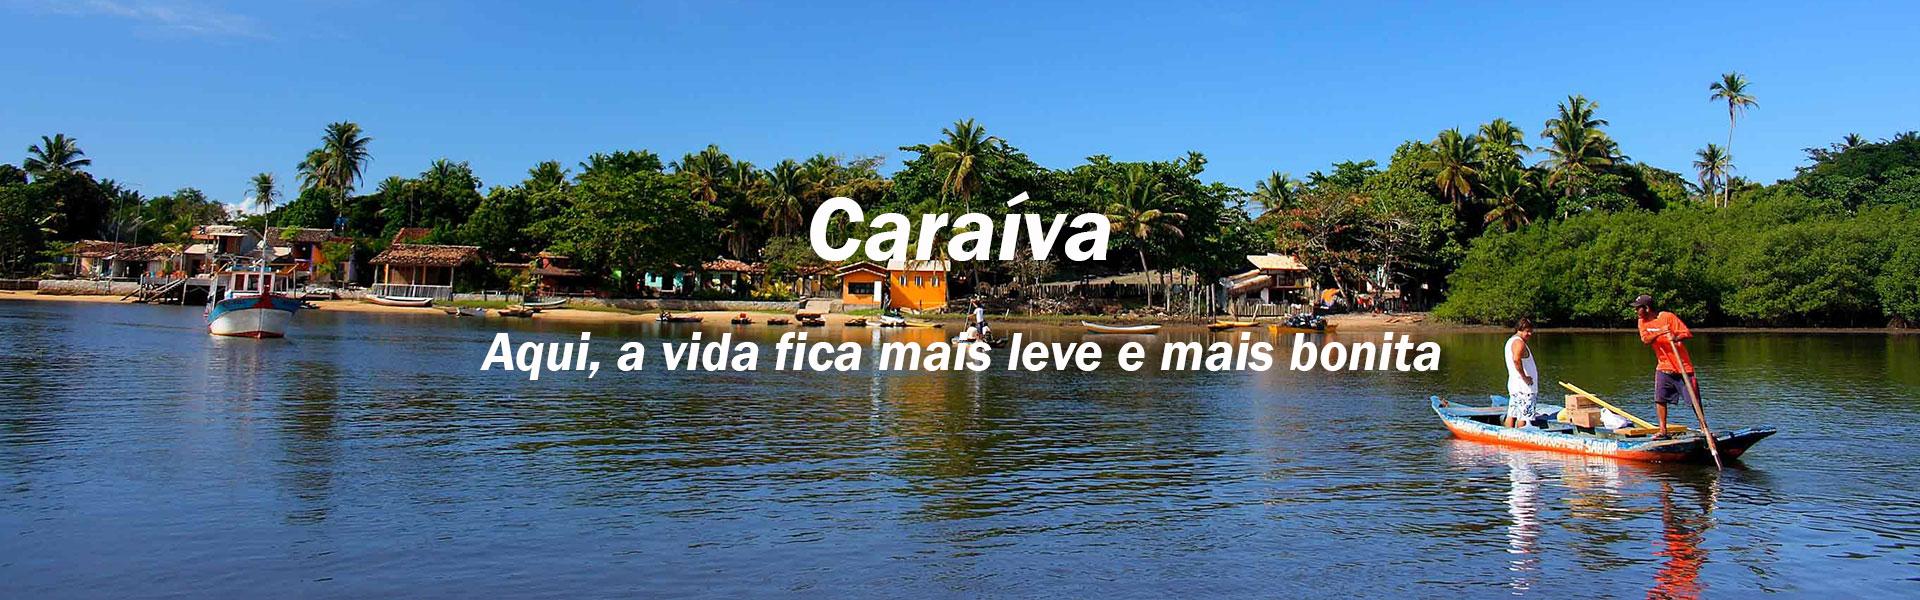 Carava-Porto-Seguro-Bahia